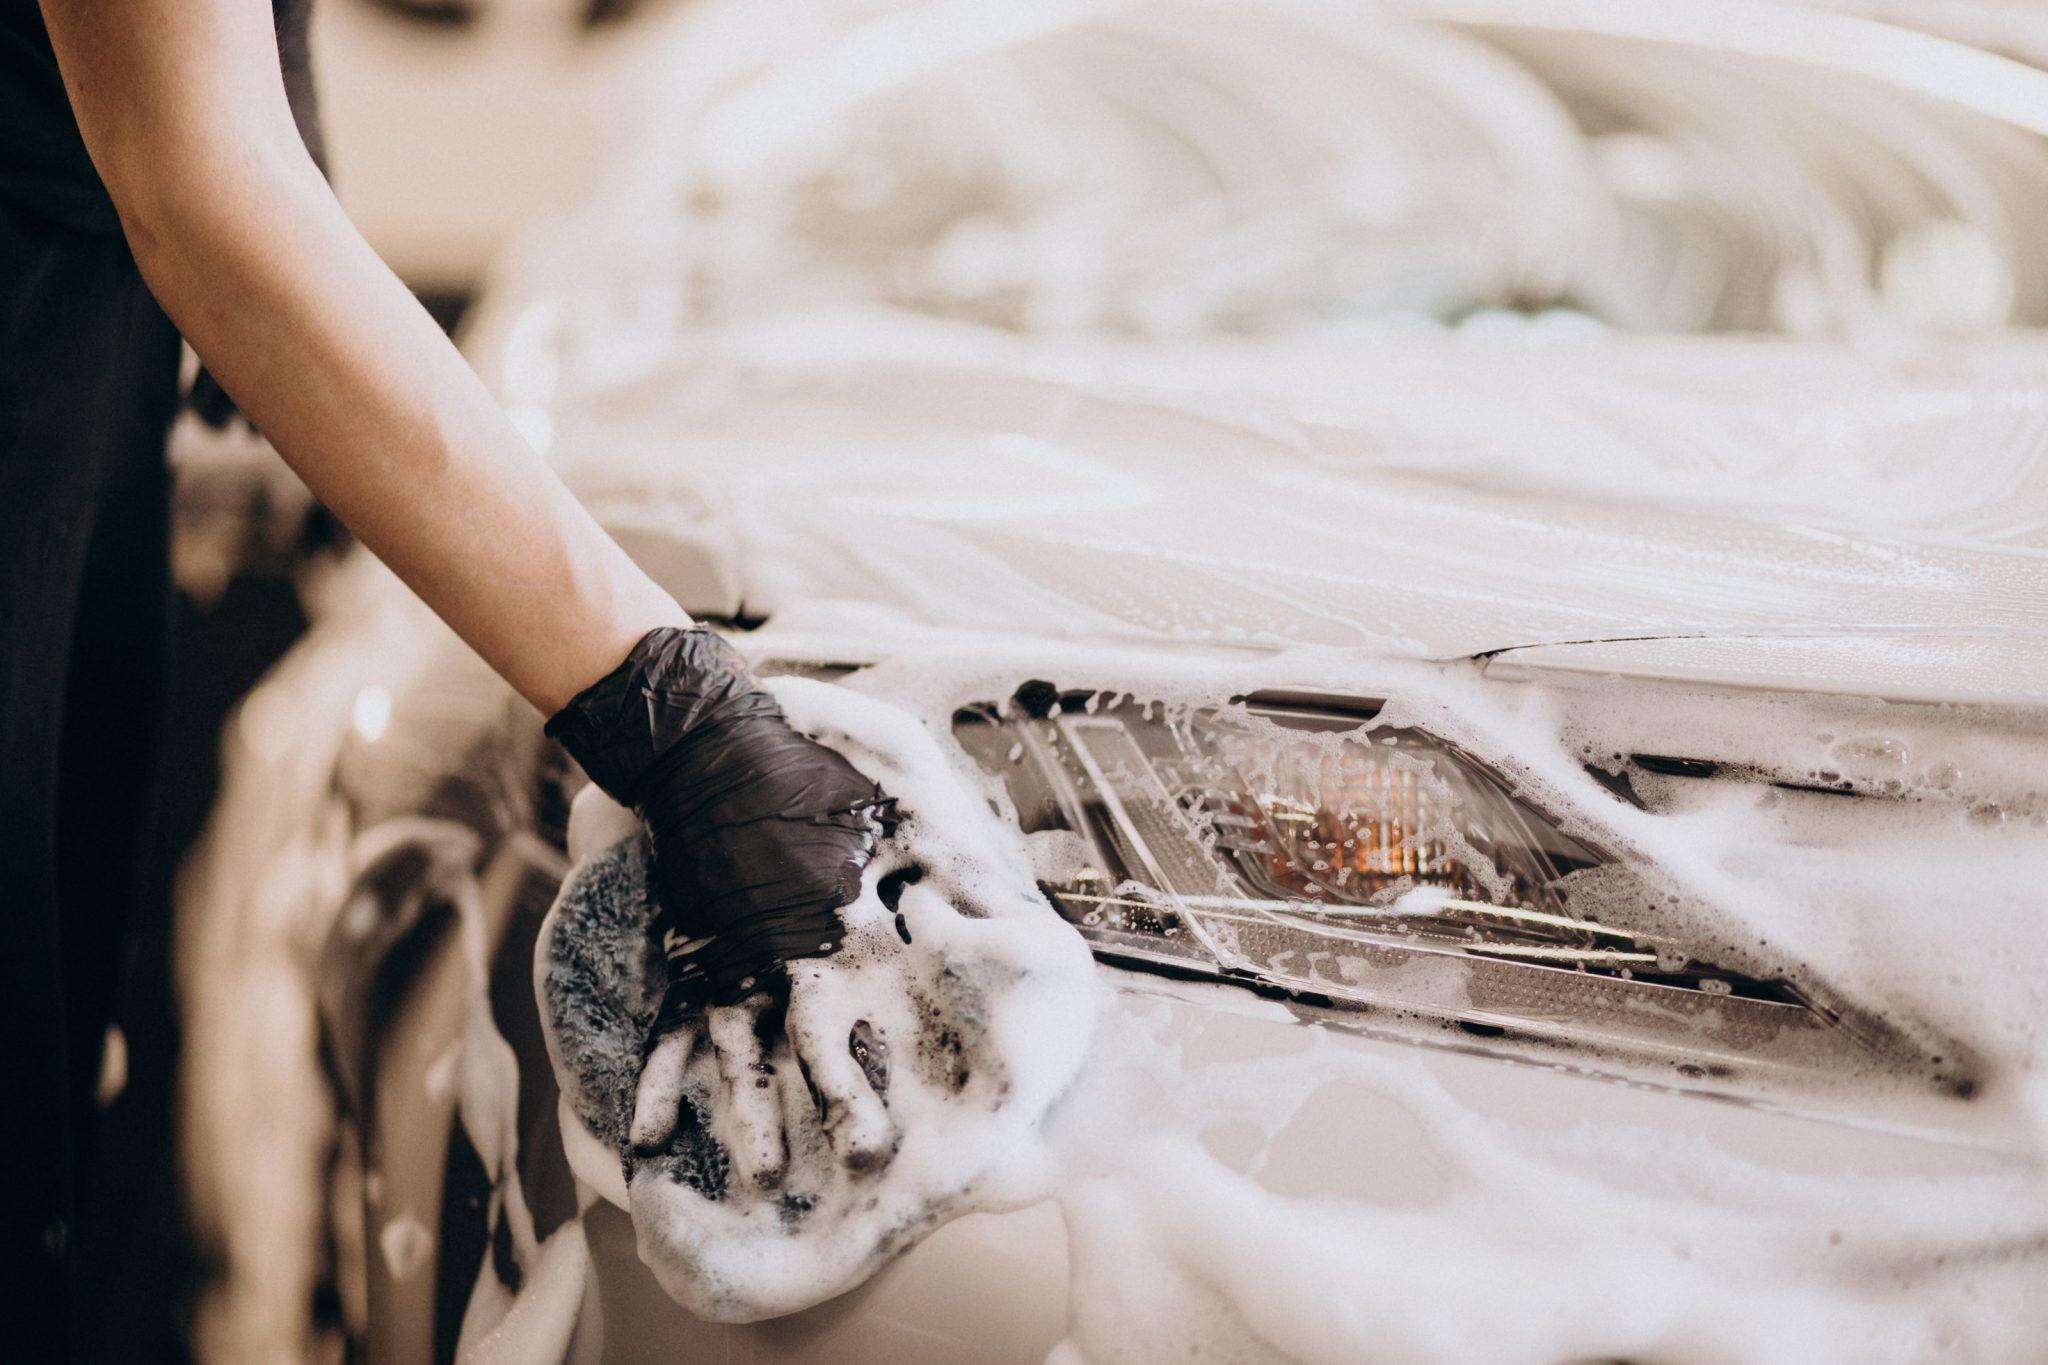 limpieza automocion